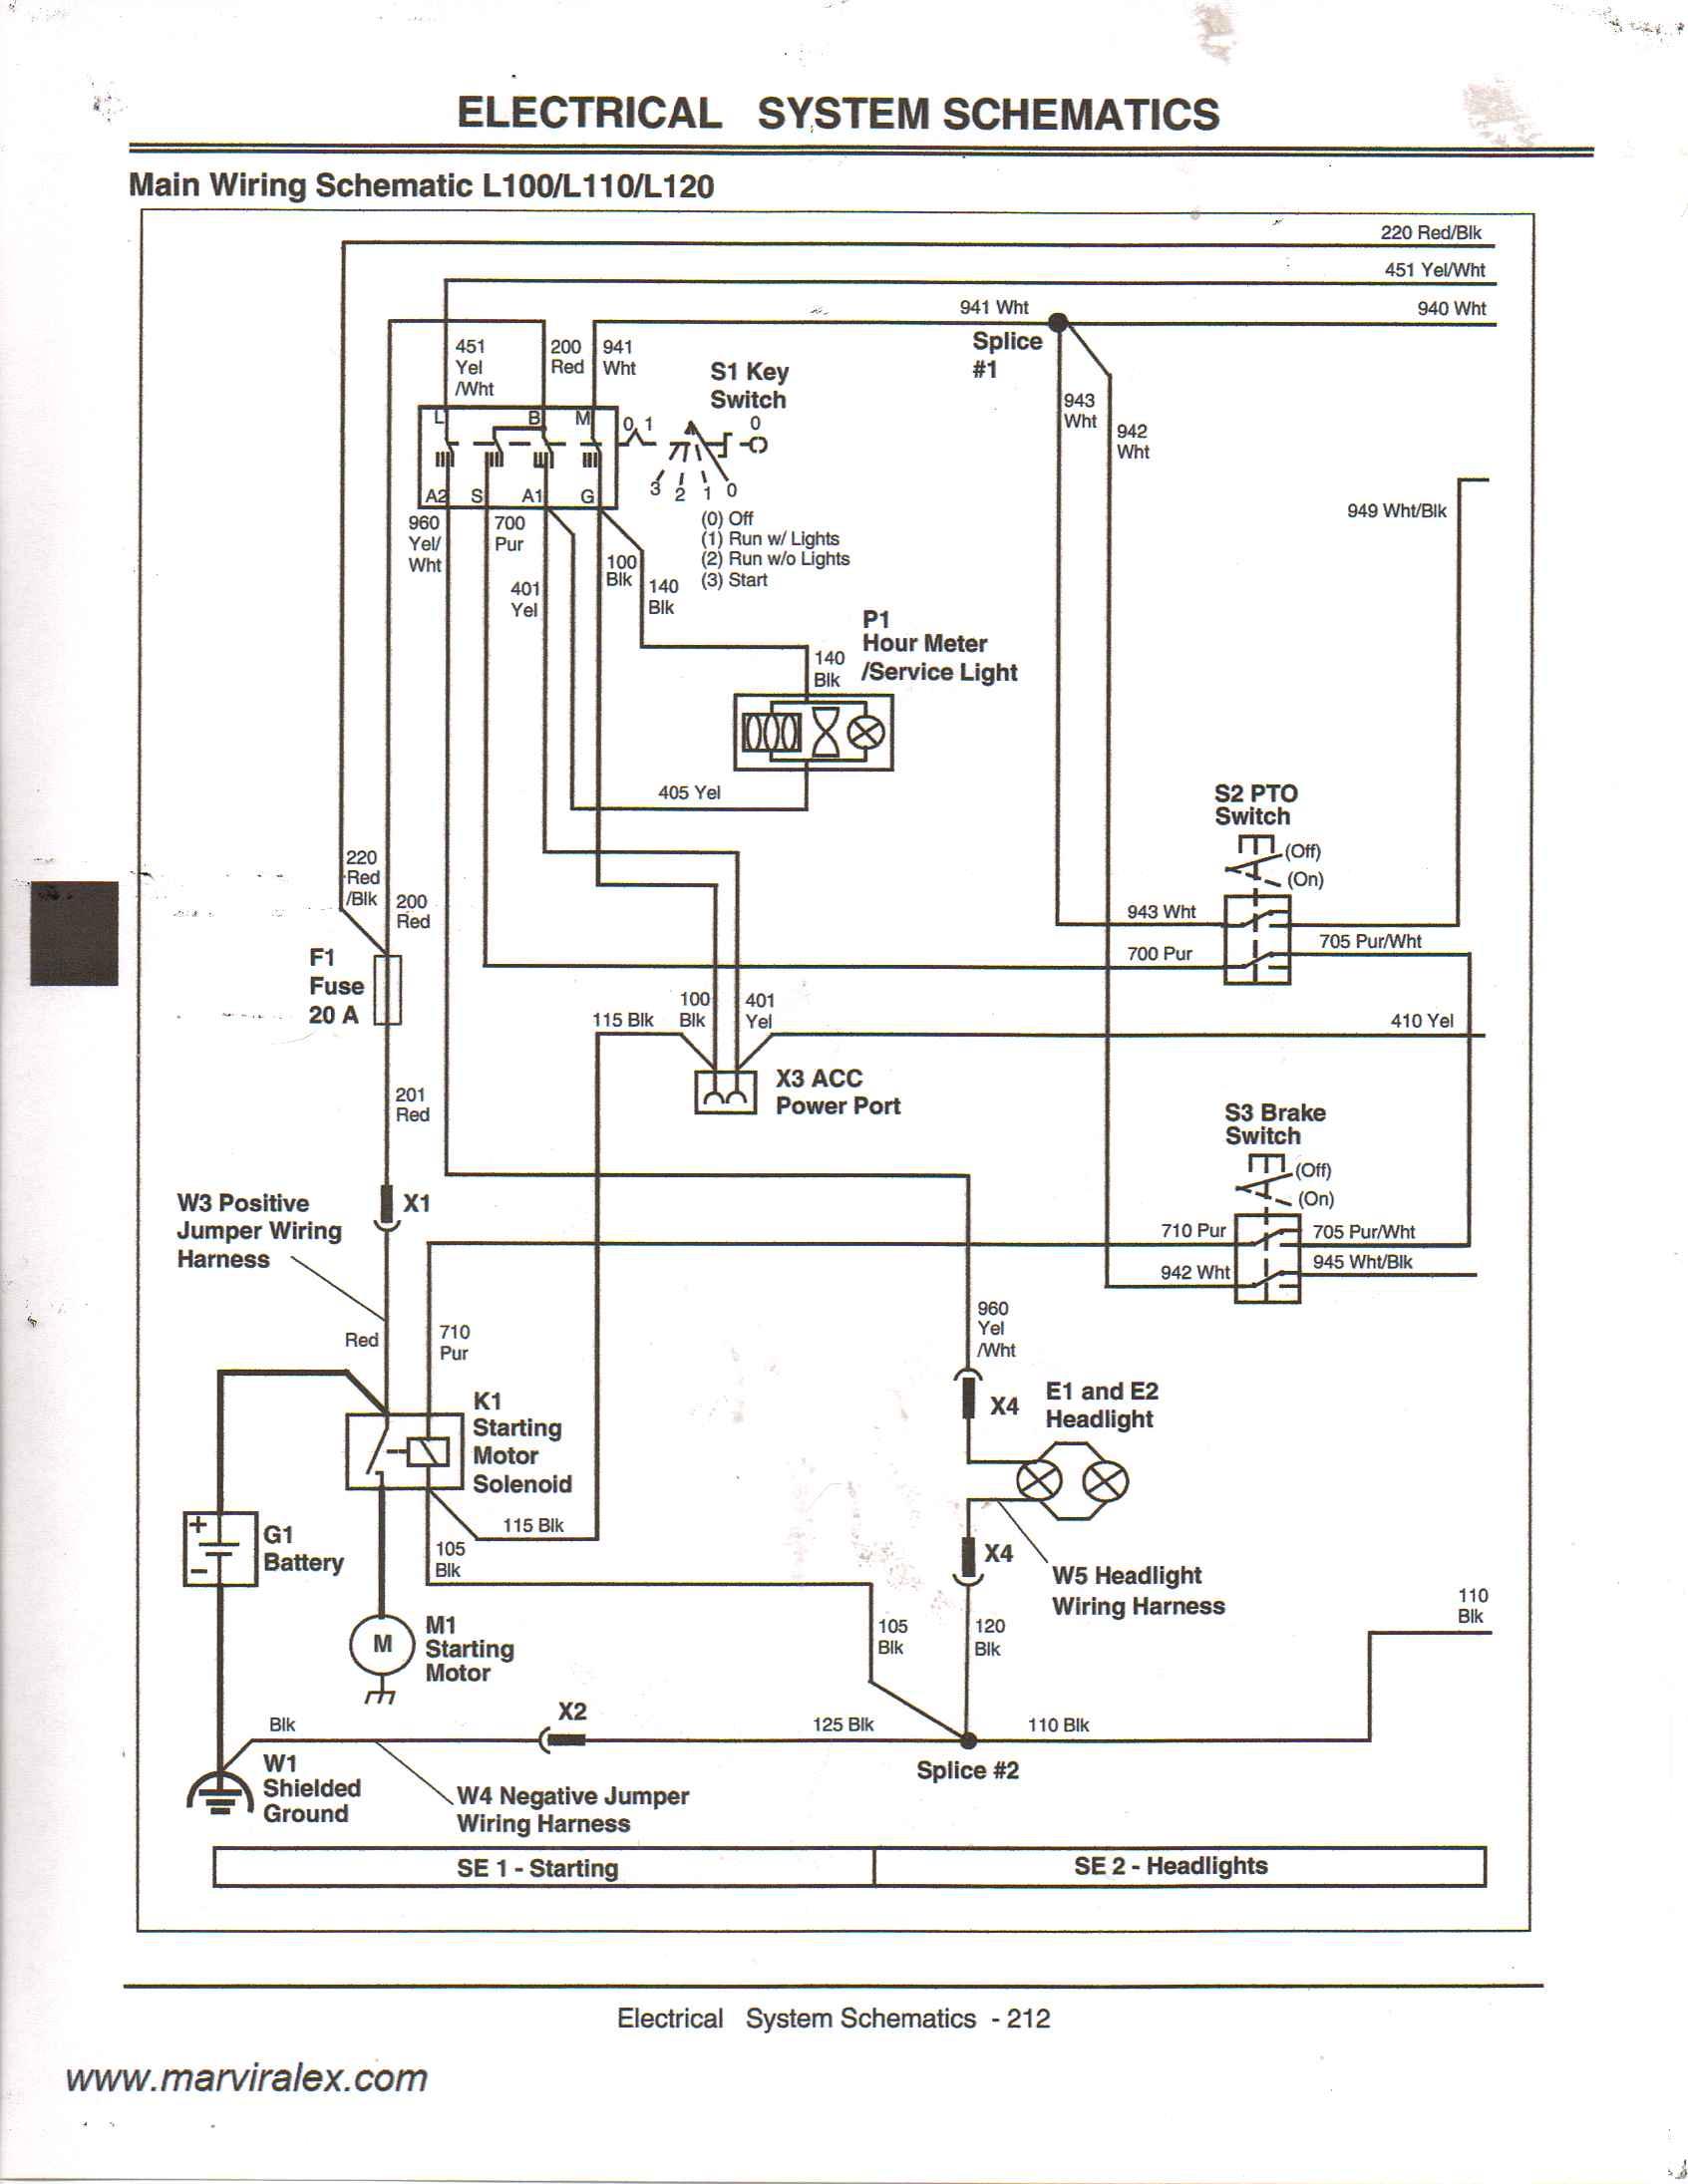 4cffa6a4-92ee-44d4-a083-d897da40ce03_Deere L100 L110 L120 wiring schmatic.jpg